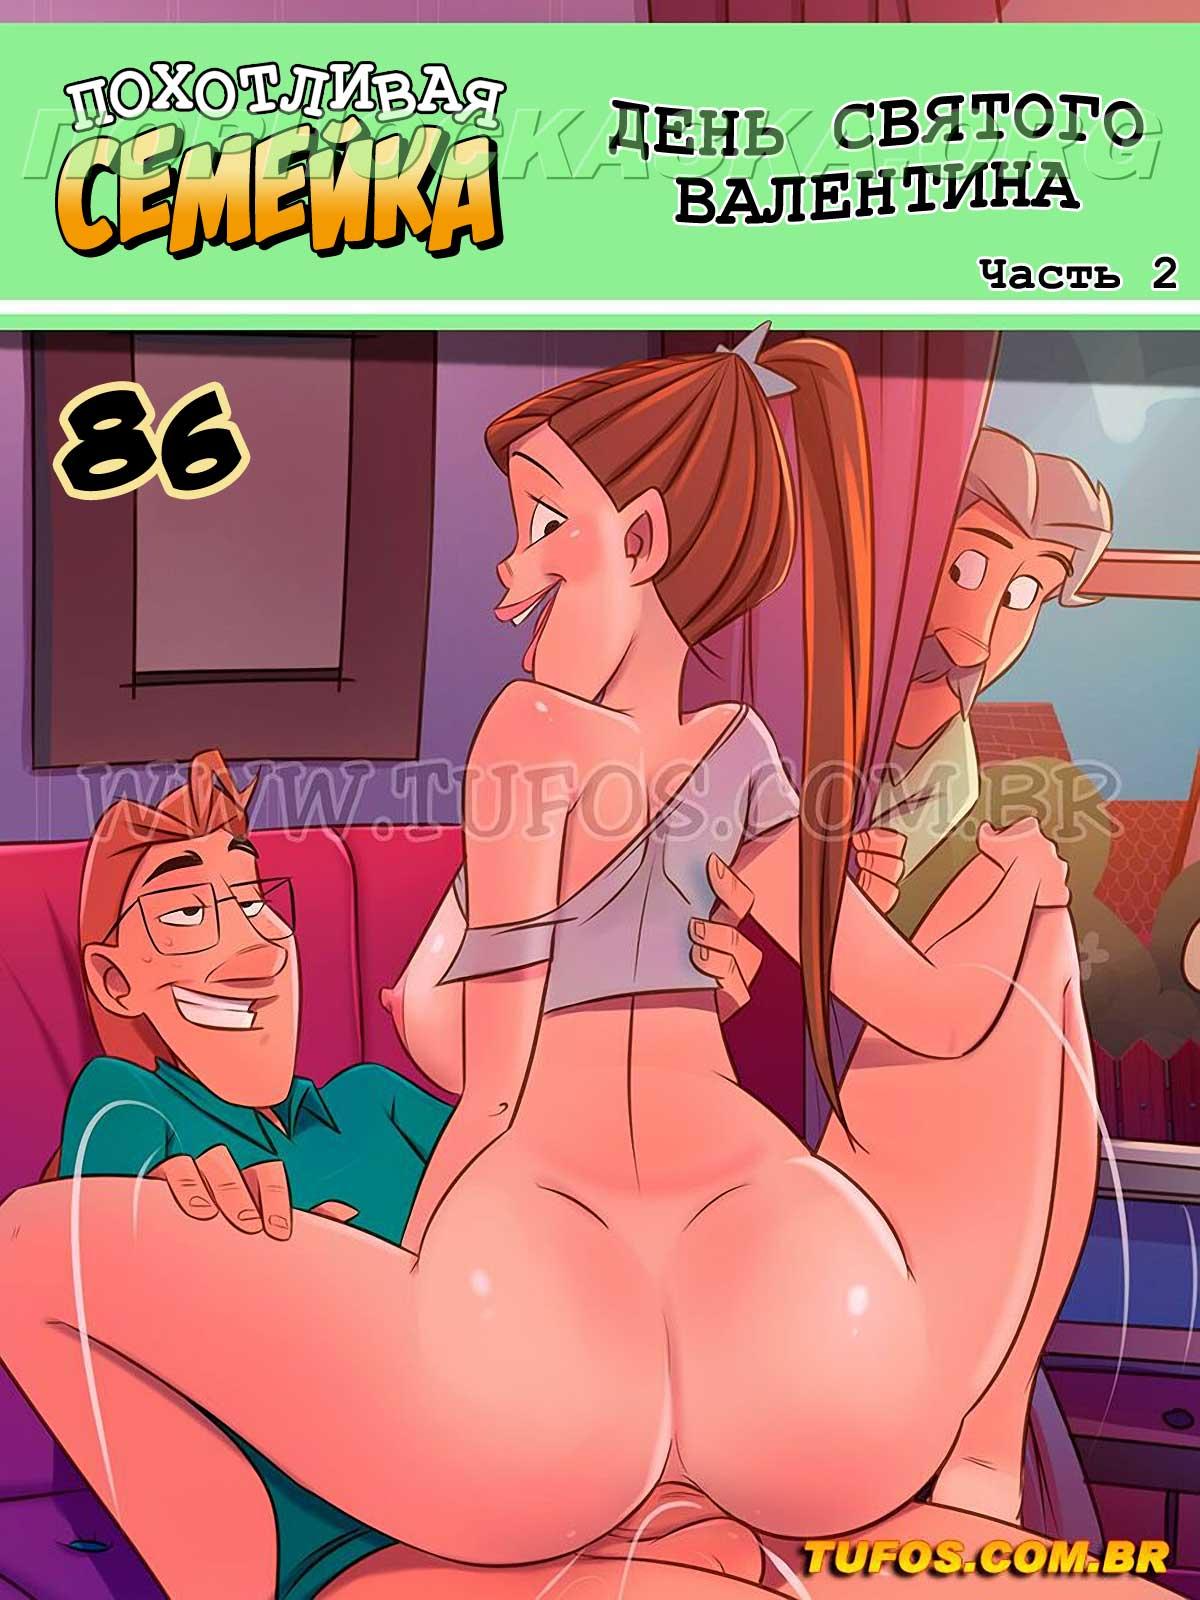 порно комикс похотливая семейка 86